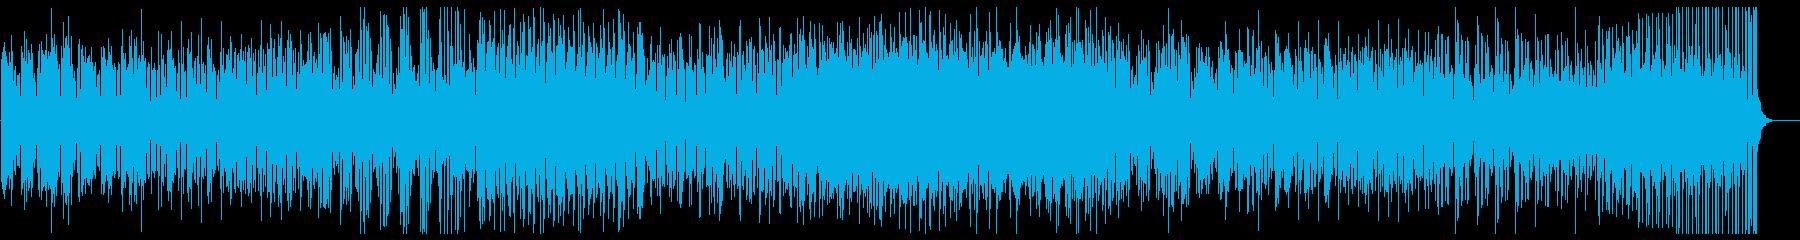 美しいピアノの現代音楽の再生済みの波形